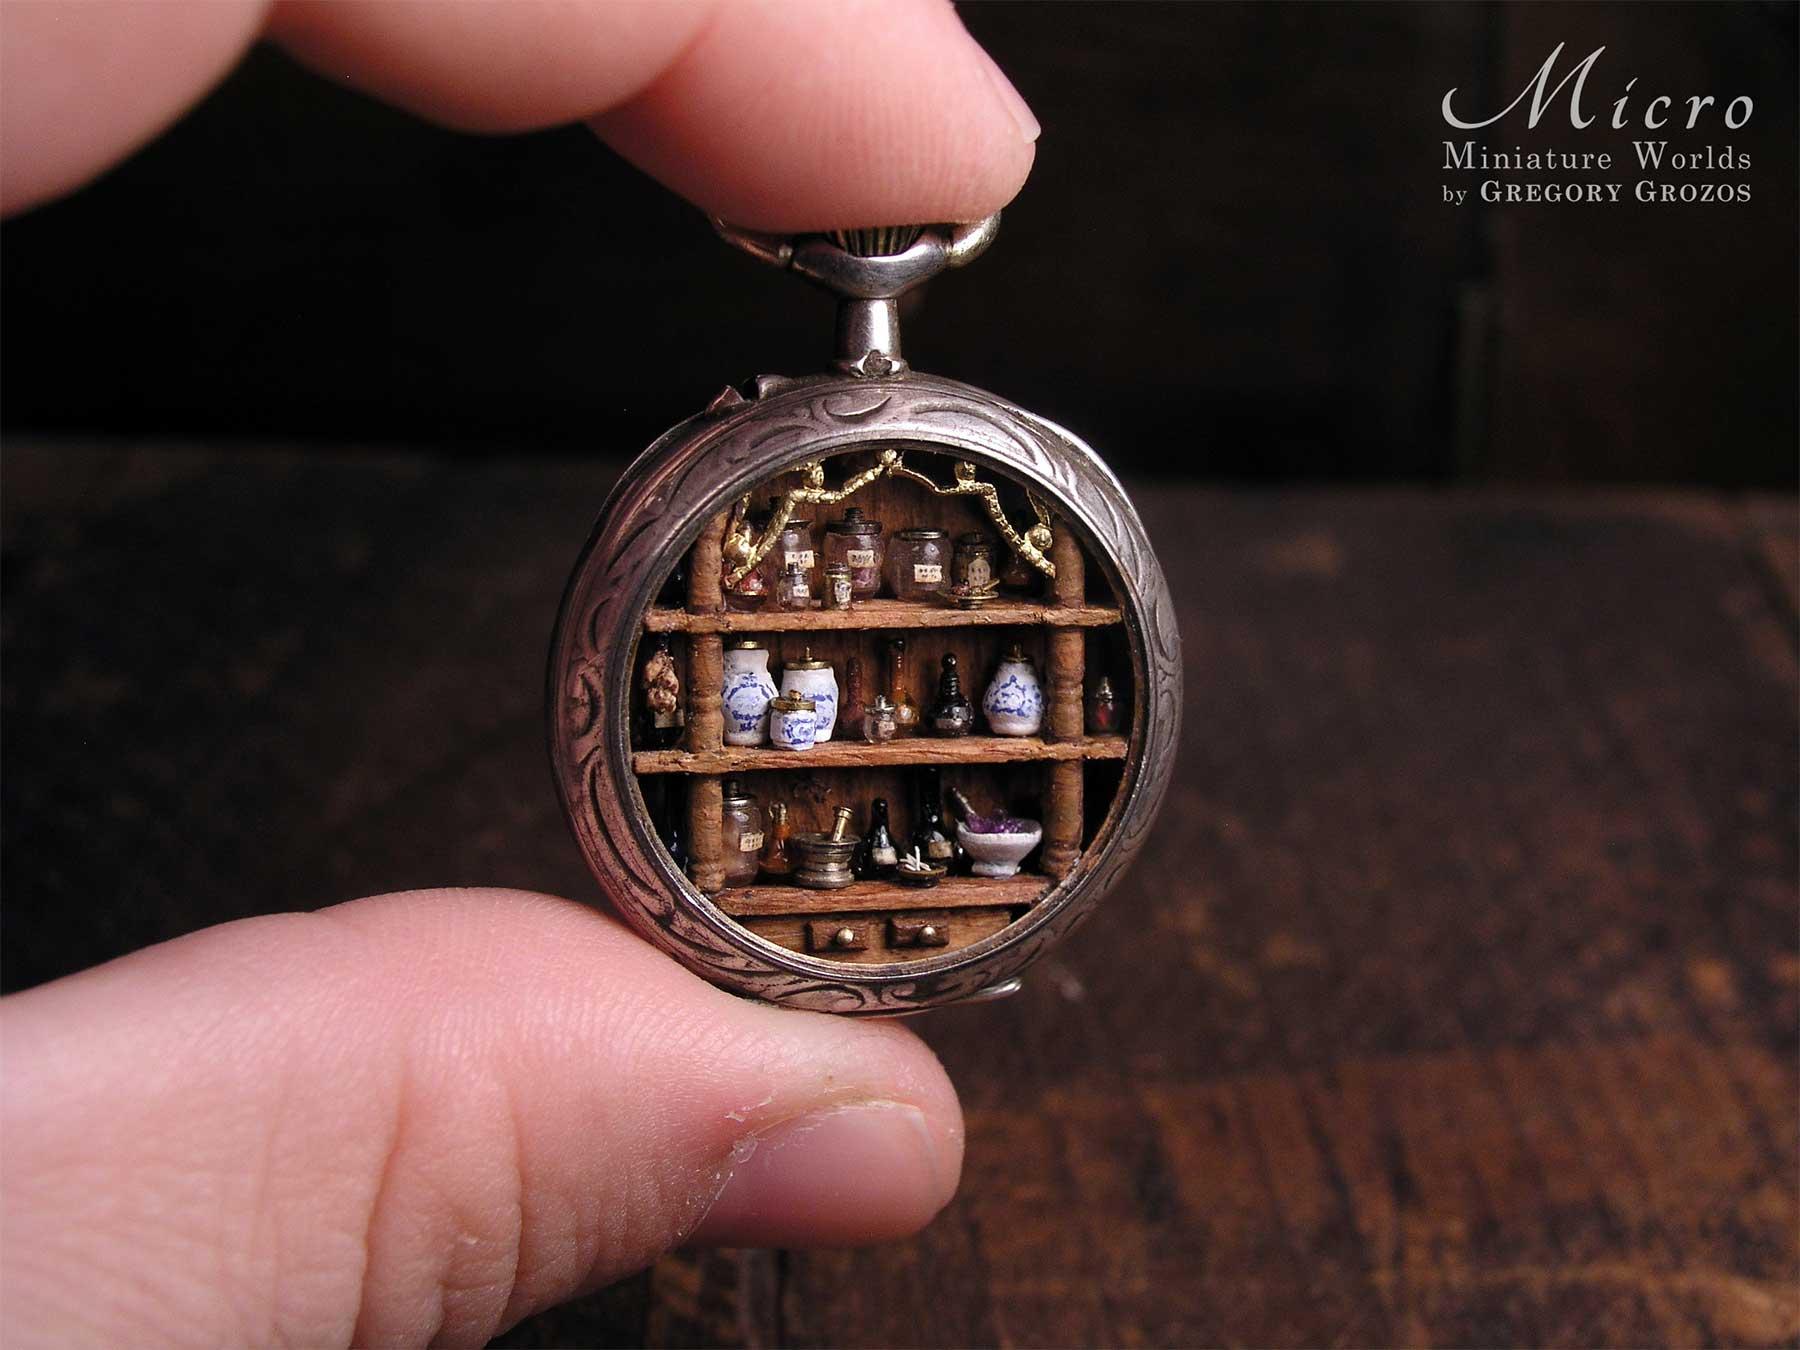 Gregory Grozos erstellt Miniaturwelten in Taschenuhren und Co. Gregory-Grozos-mirco-miniature-worlds_05